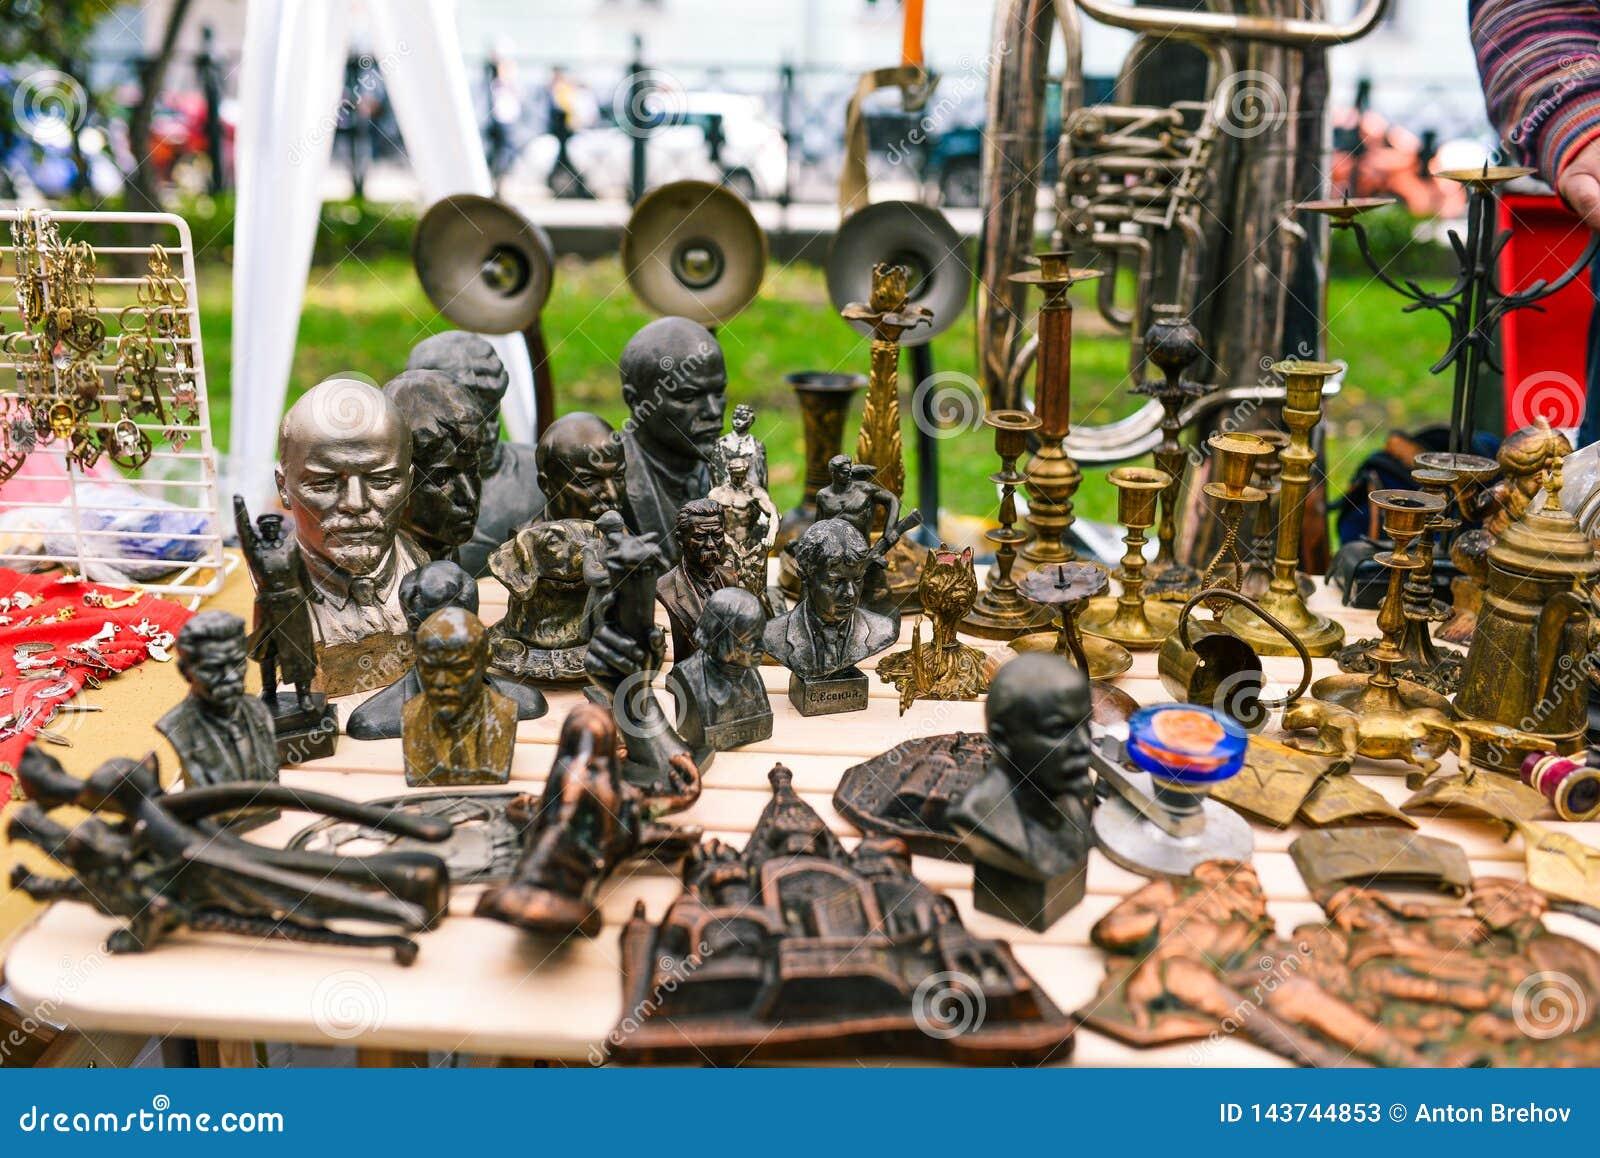 Rosja, miasto Moskwa, Wrzesień - 6, 2014: Radzieckie figurki lidery i artyści Stojaki dla świeczek Sprzedawania antiquary w